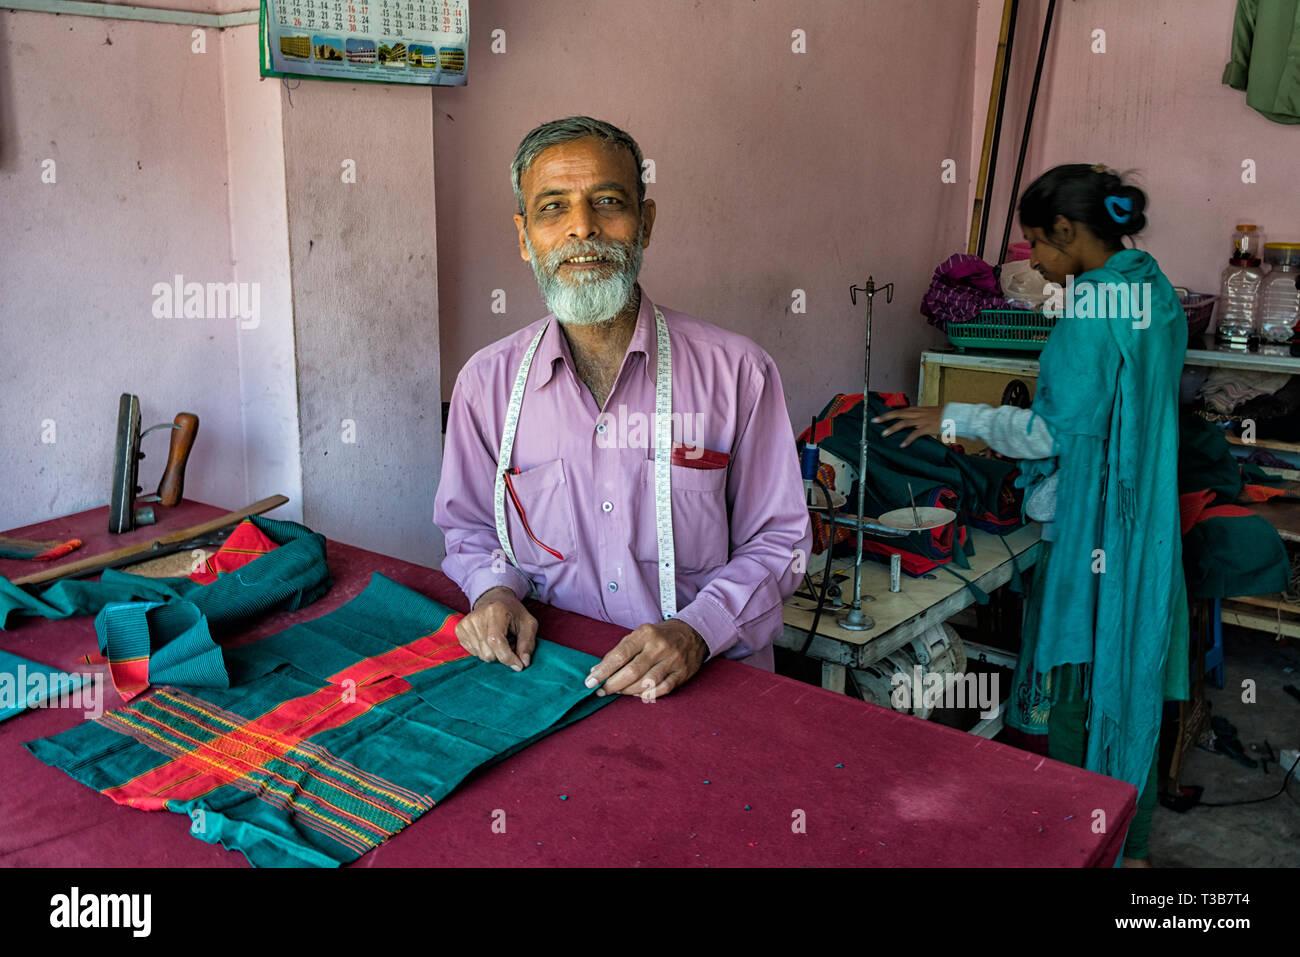 Boutique de tailleur, Rangamati, la division de Chittagong, Bangladesh Banque D'Images